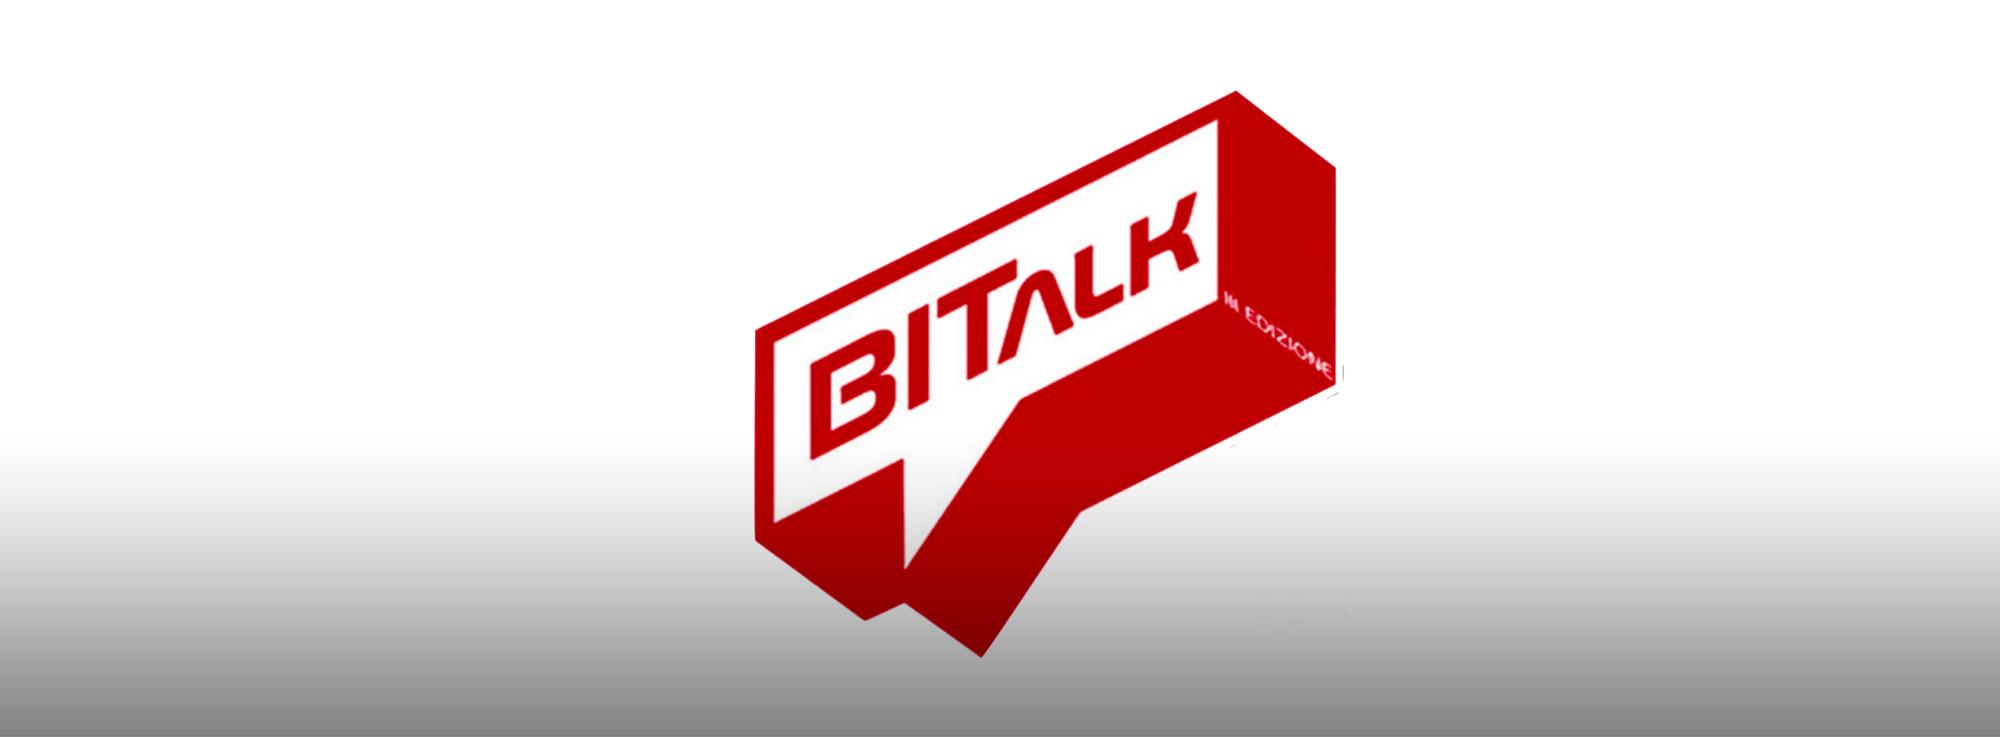 Bitonto: BiTalk